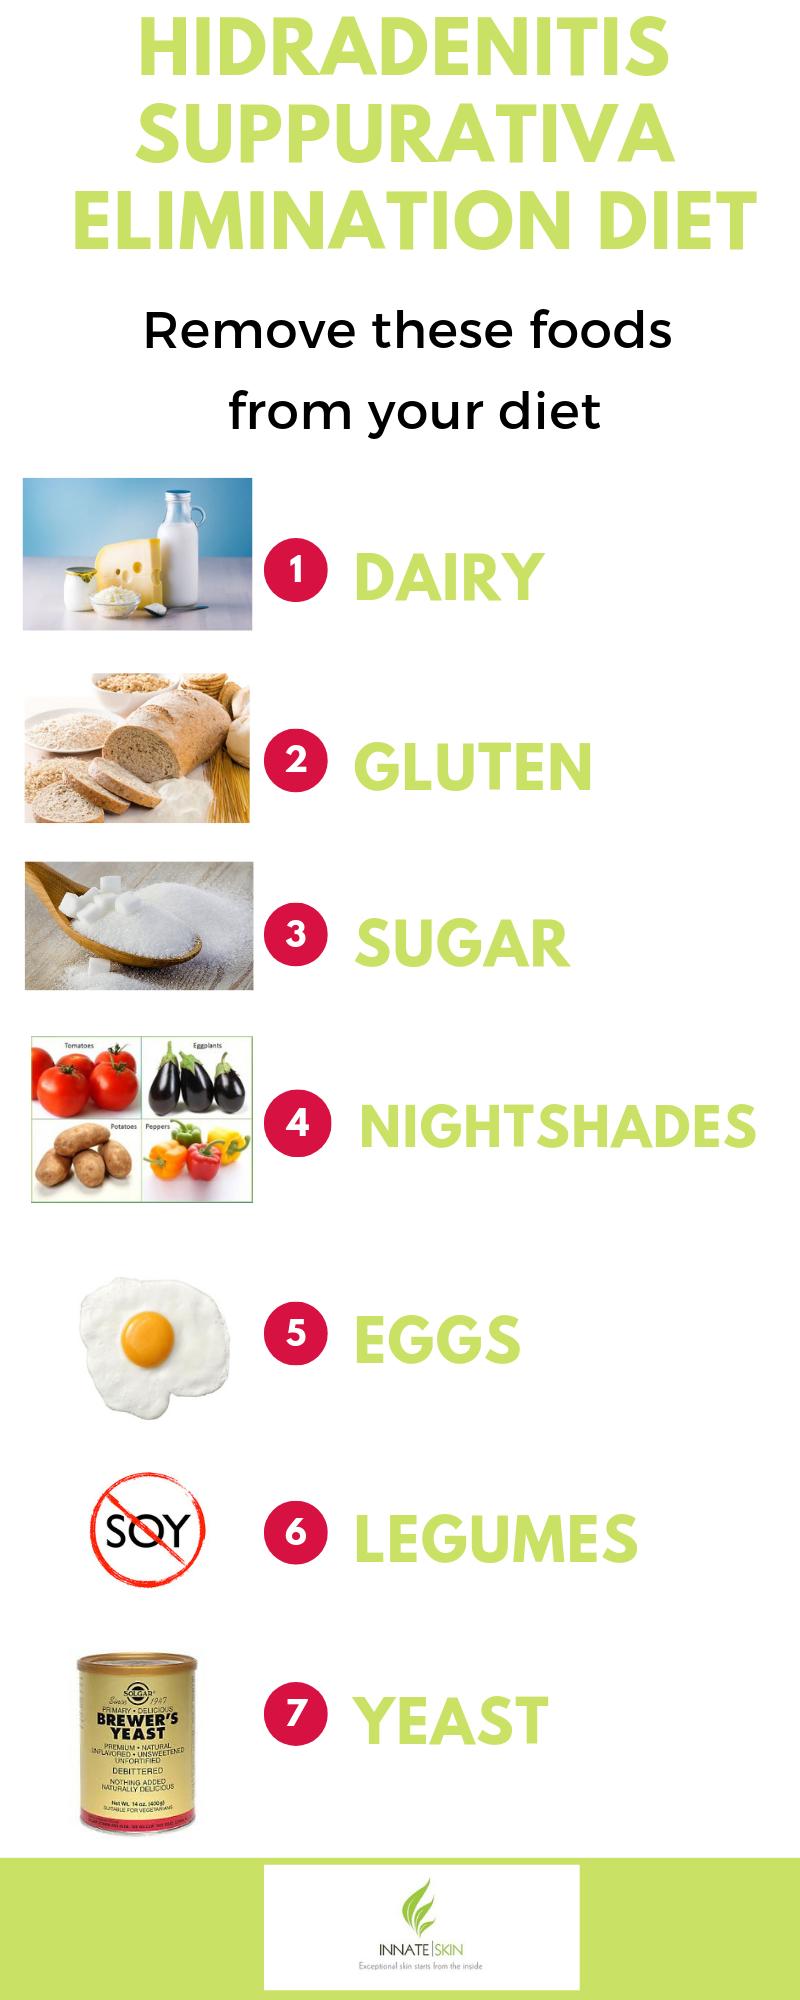 Hidradenitis Suppurativa Elimination Diet